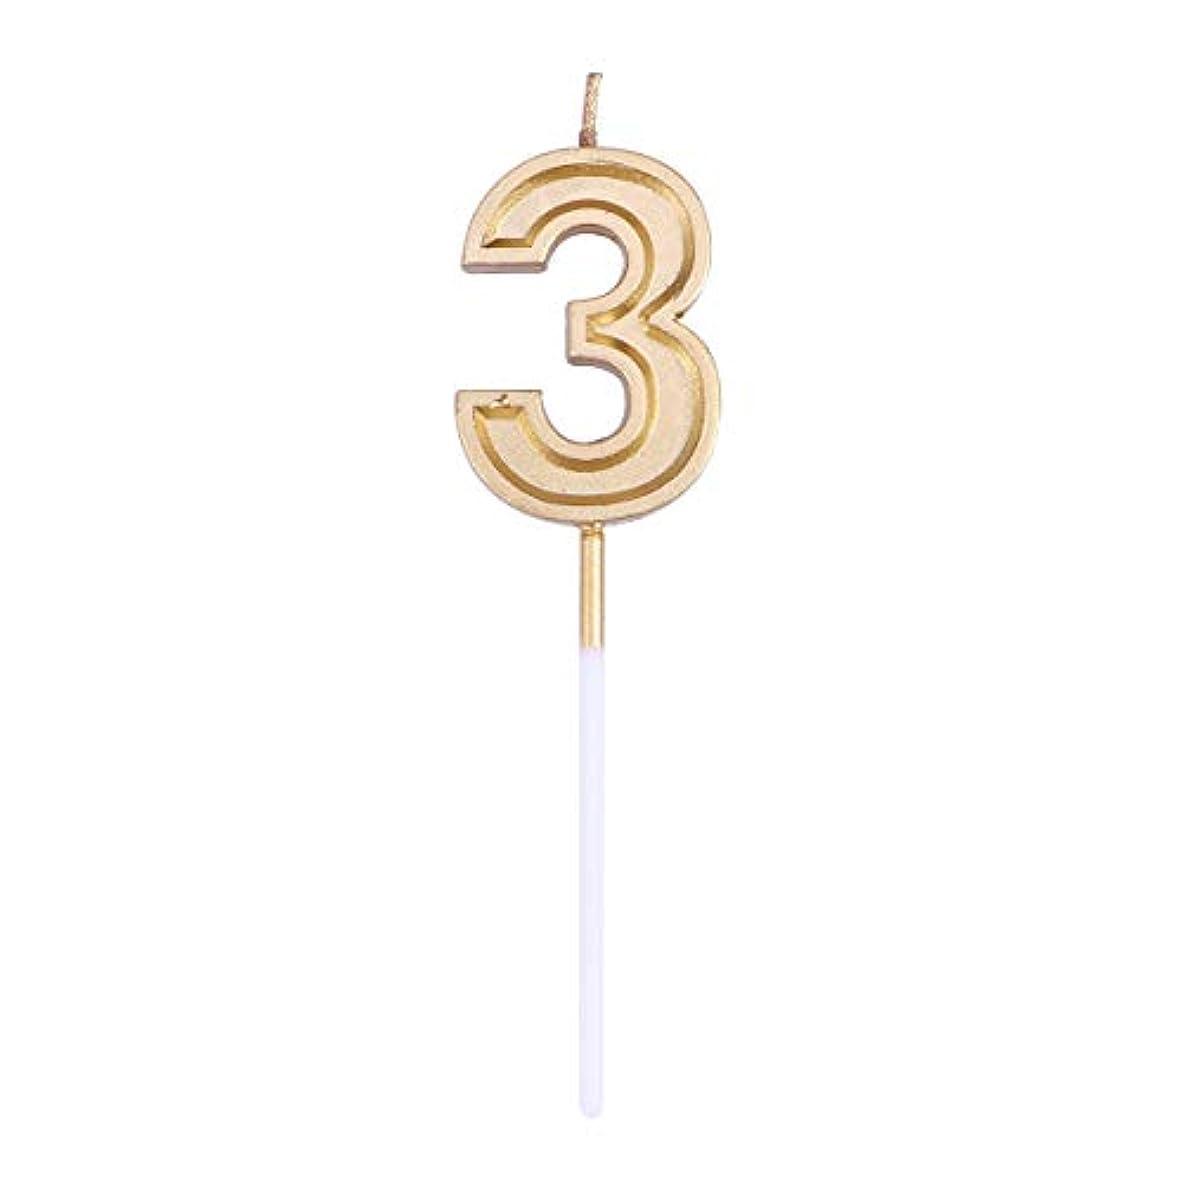 マネージャー単にそれToyvian ゴールドラメ誕生日おめでとう数字キャンドル番号キャンドルケーキトッパー装飾用大人キッズパーティー(番号3)